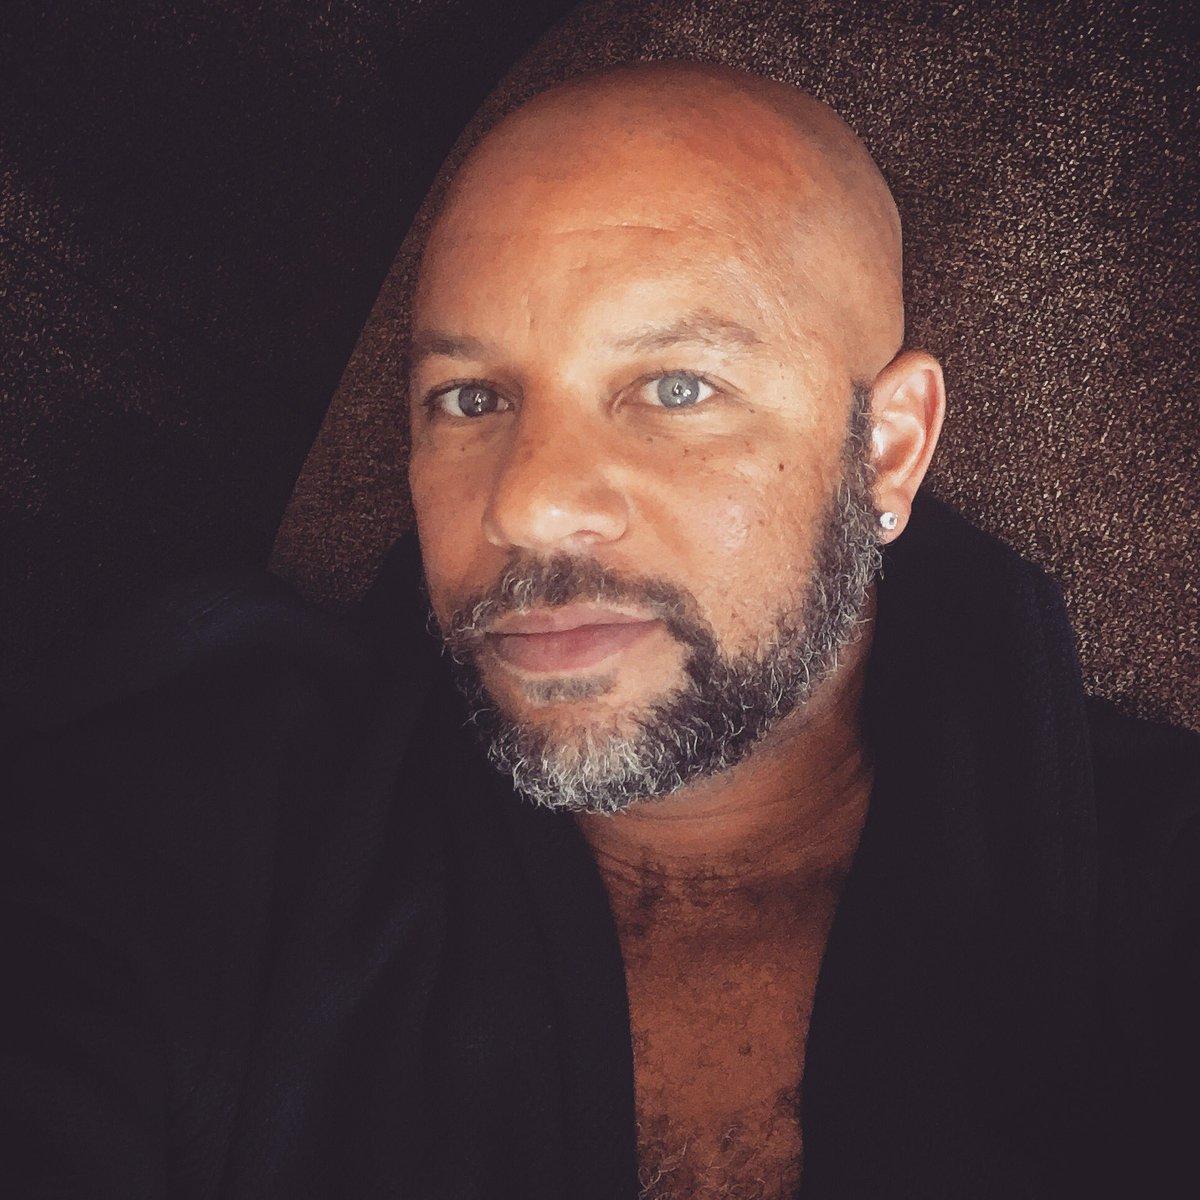 chris williams actor - photo #21